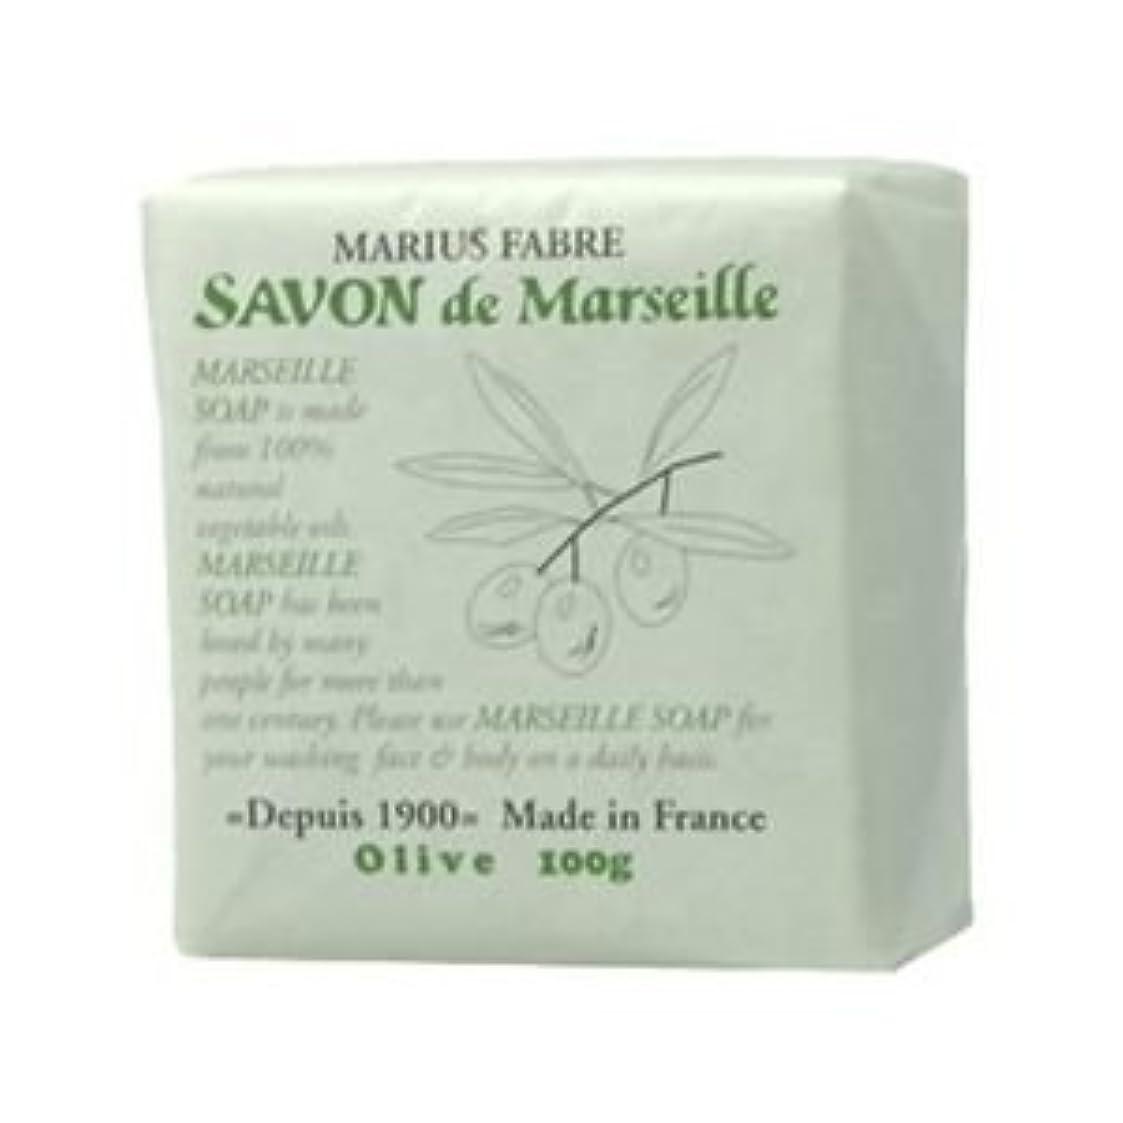 あまりにもしない夕暮れサボン ド マルセイユ オリーブ 100g 【4セット】